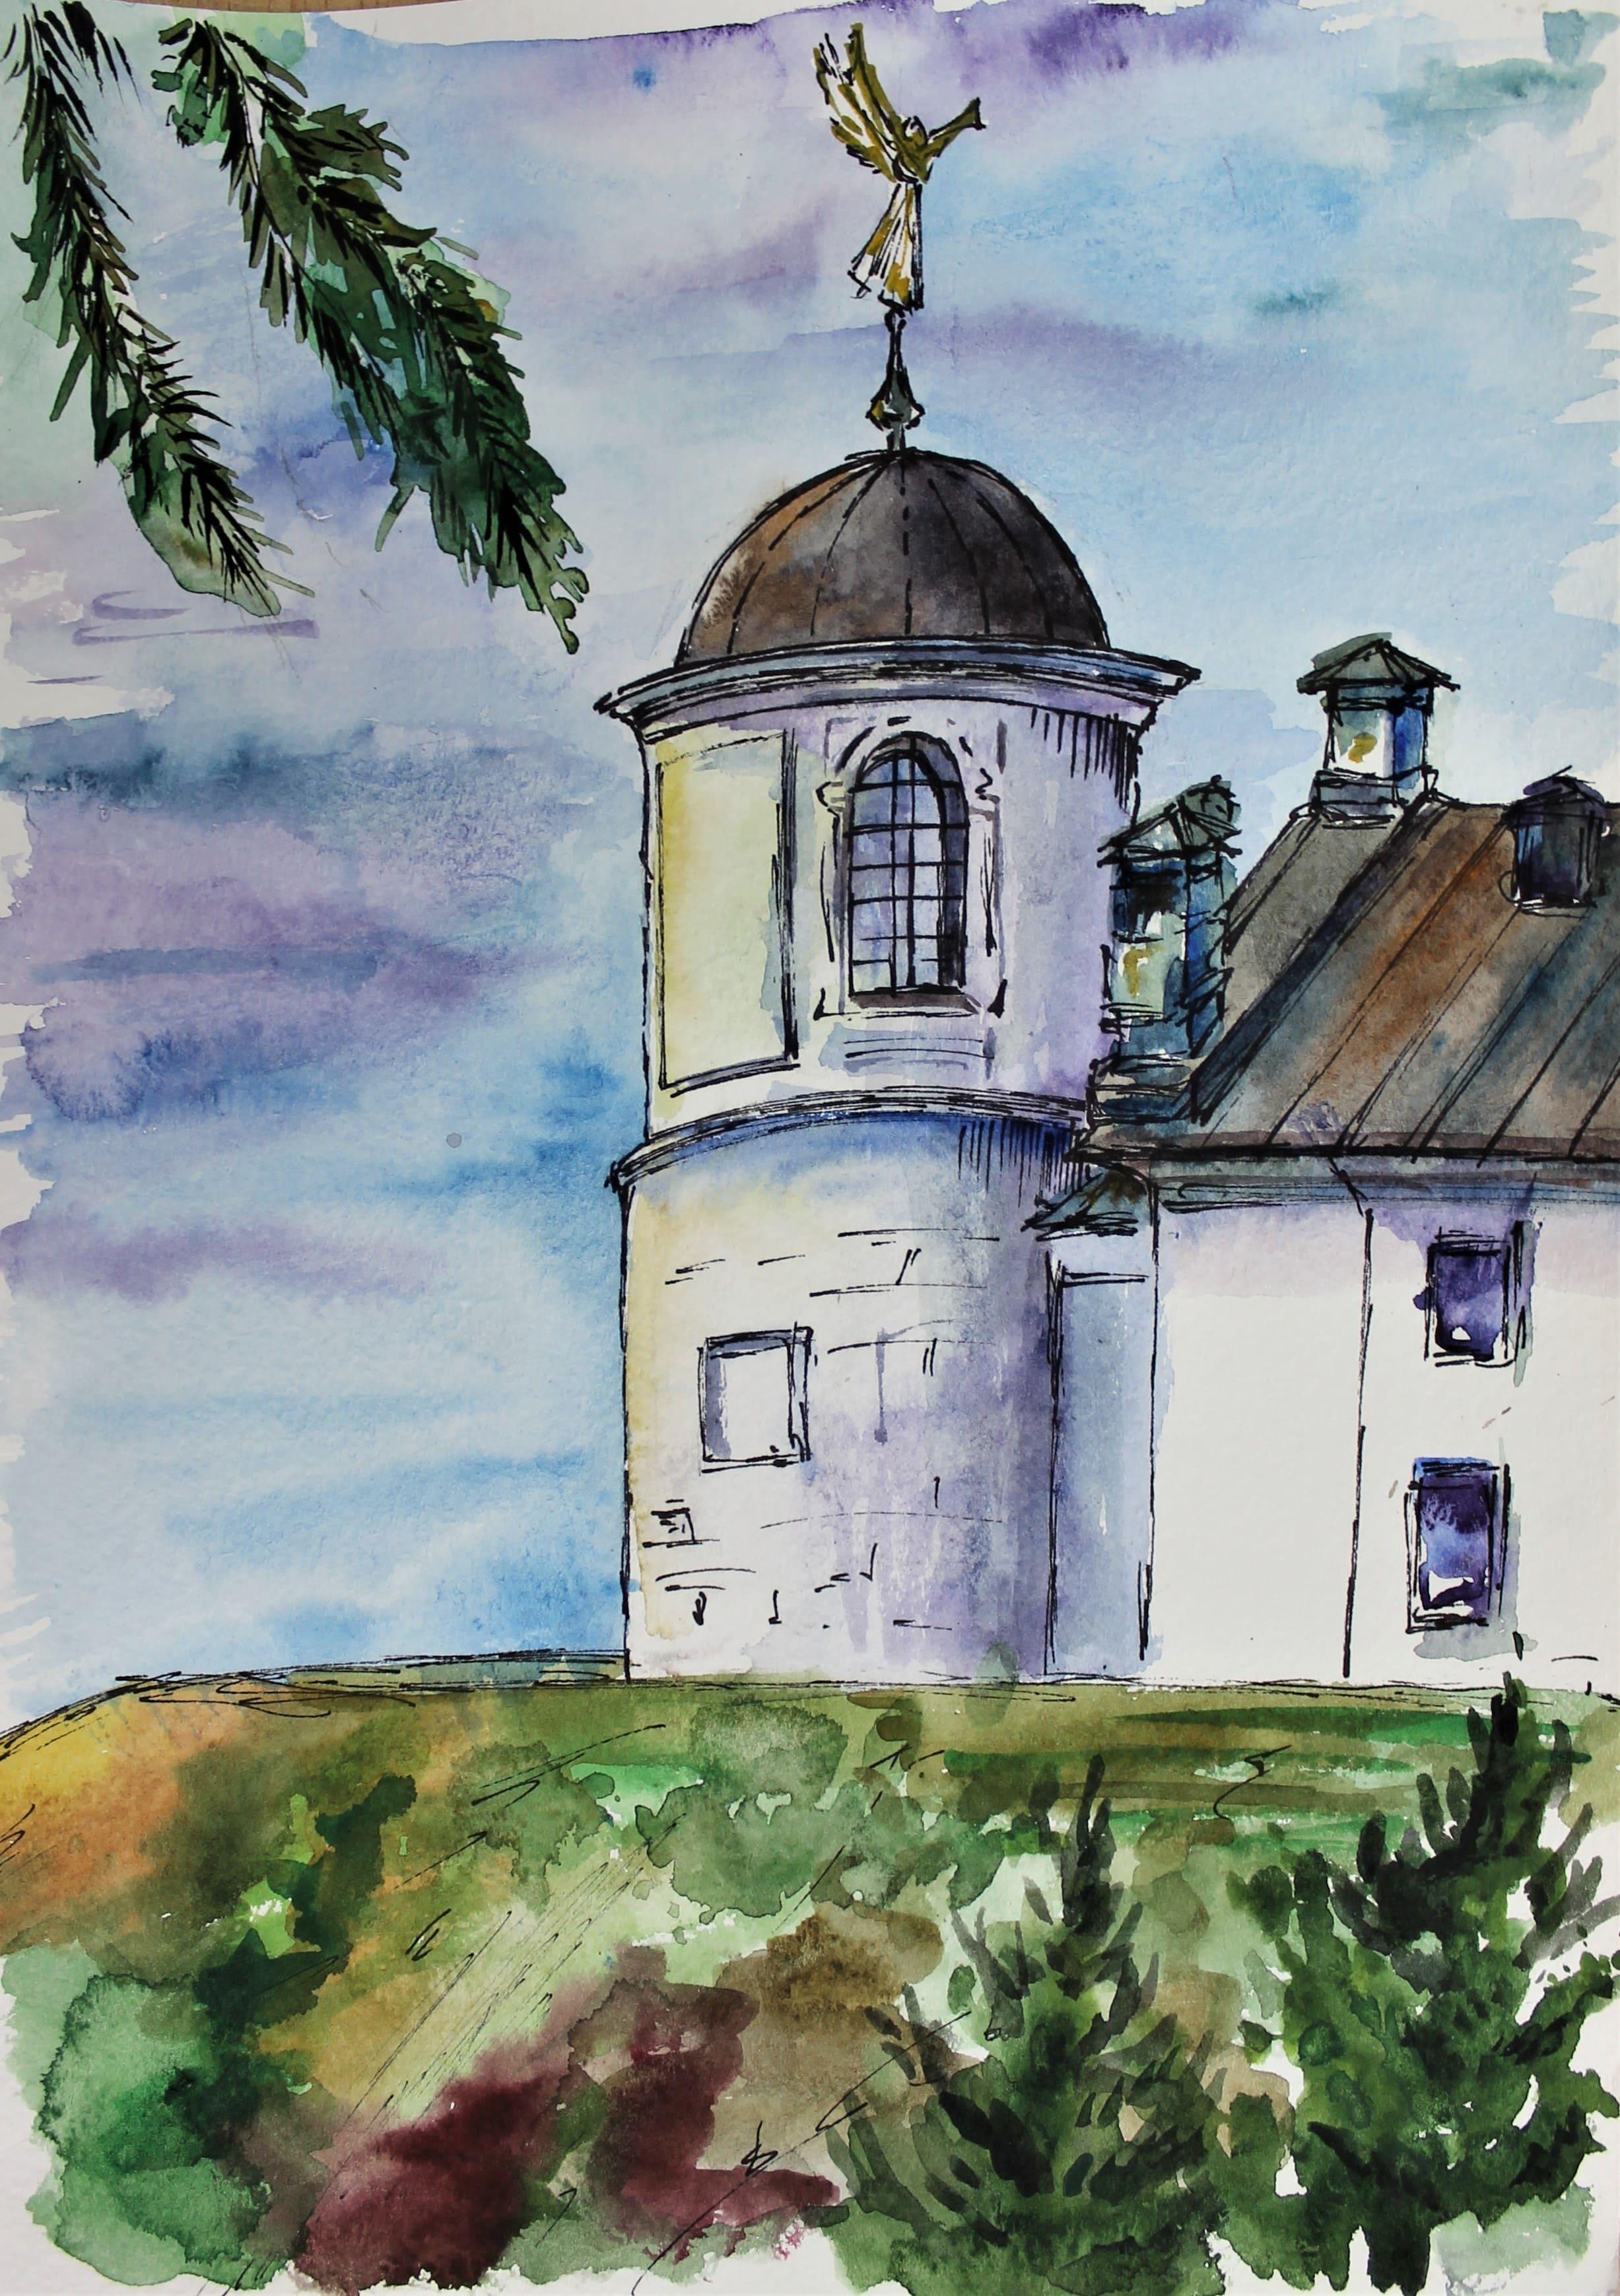 Исхакова Римма 14 лет Круглая башня